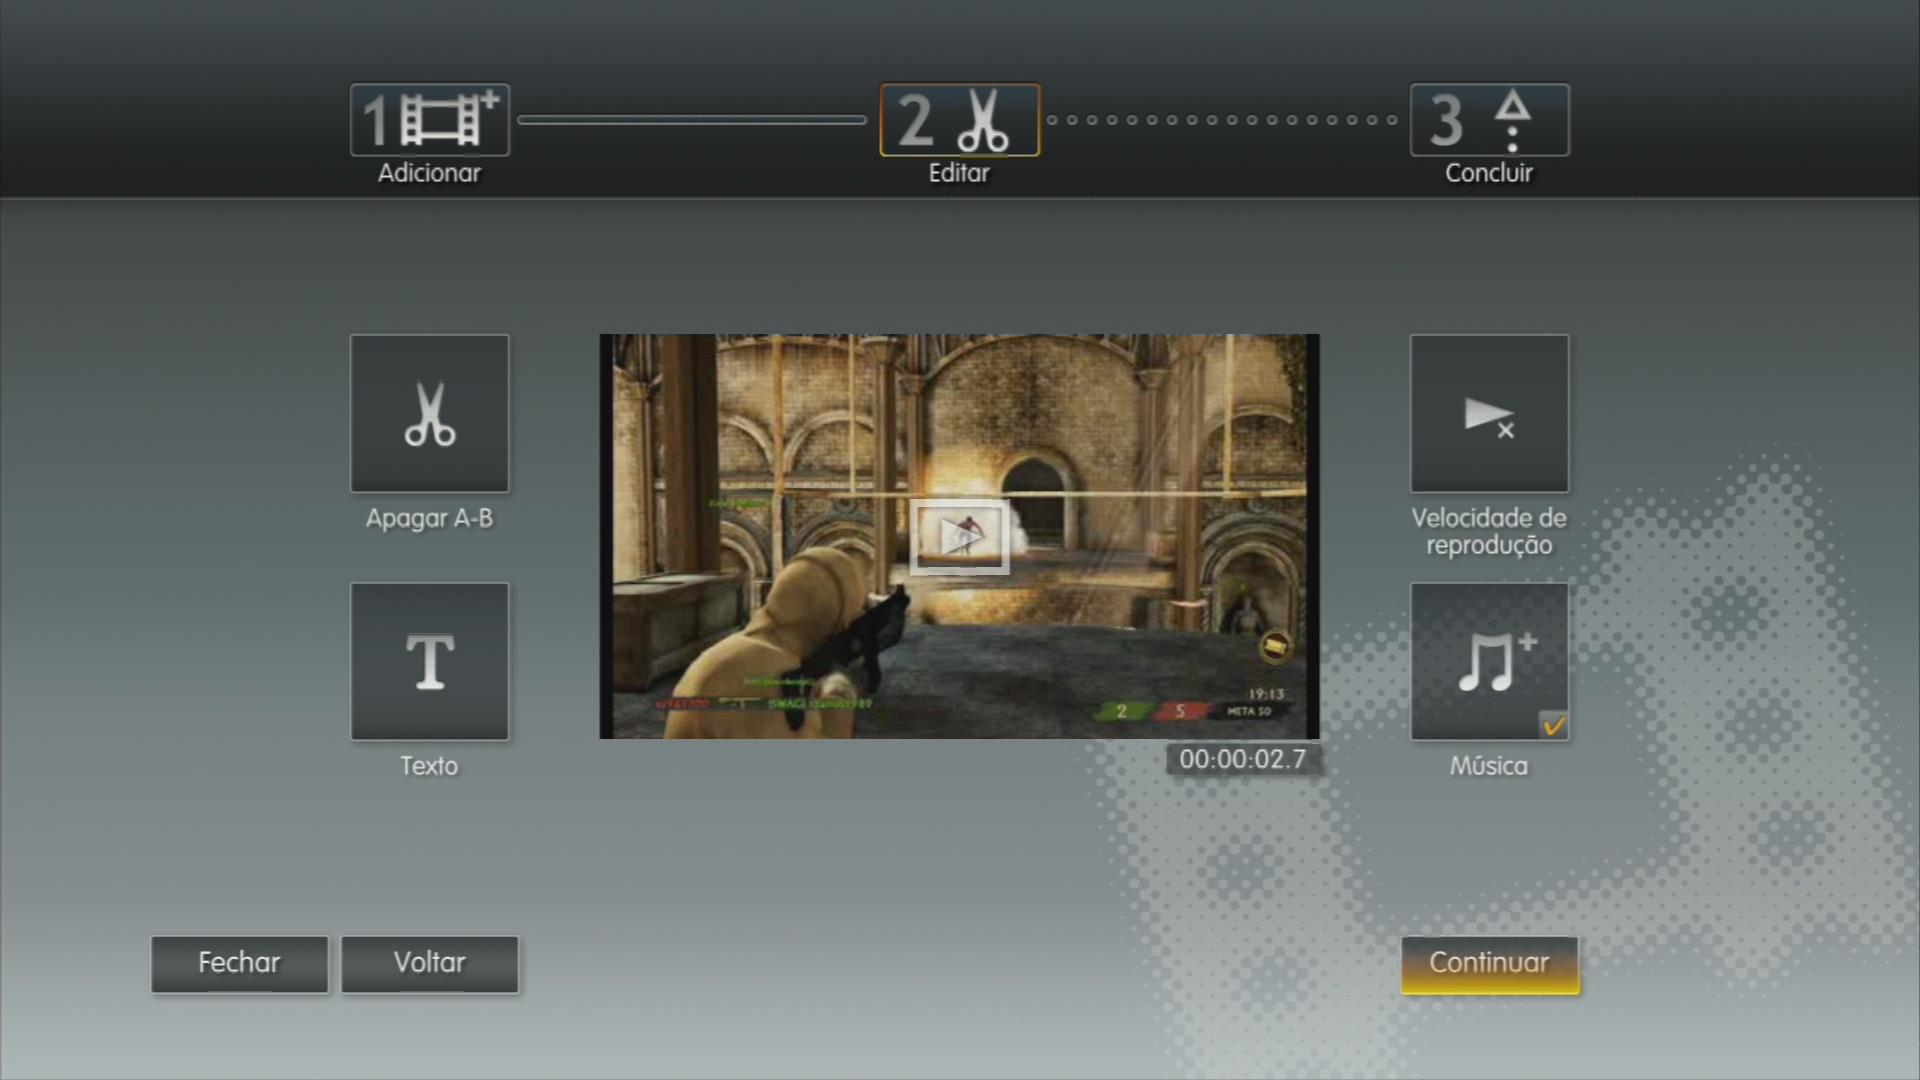 O menu traz atalhos para todas as ferramentas disponibilizadas. (Foto: Reprodução)